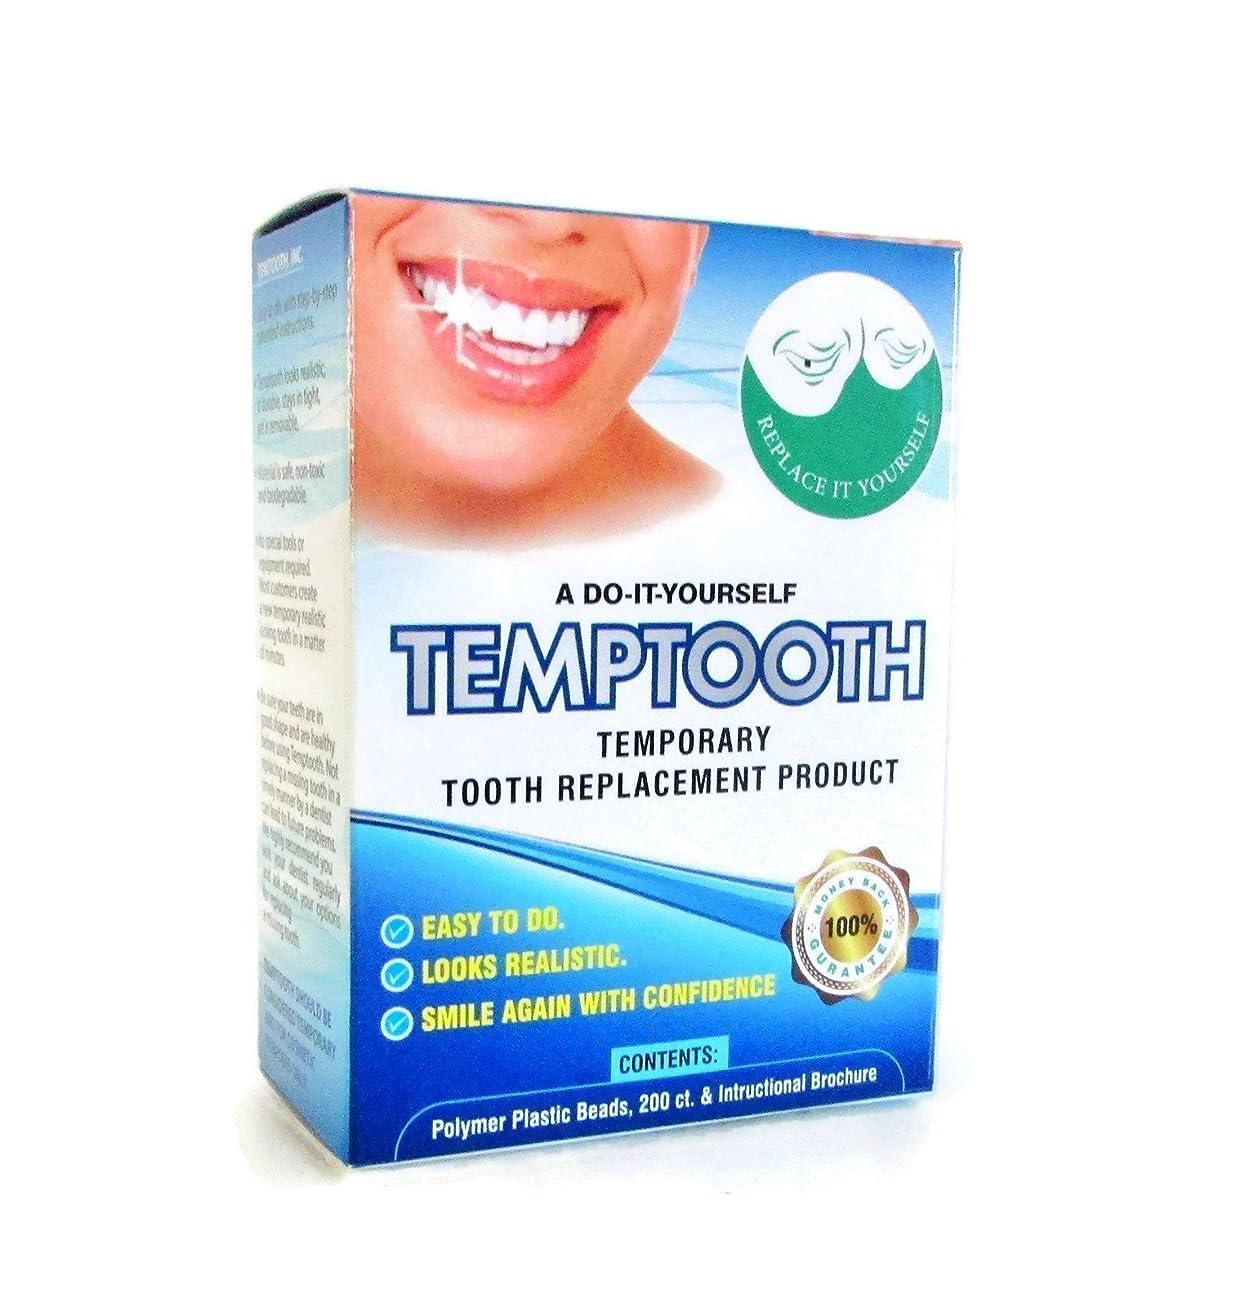 衝撃ヒゲクジラ特権自分で作るテンポラリー義歯/Temptooth Do It Yourself Tooth Replacement Product